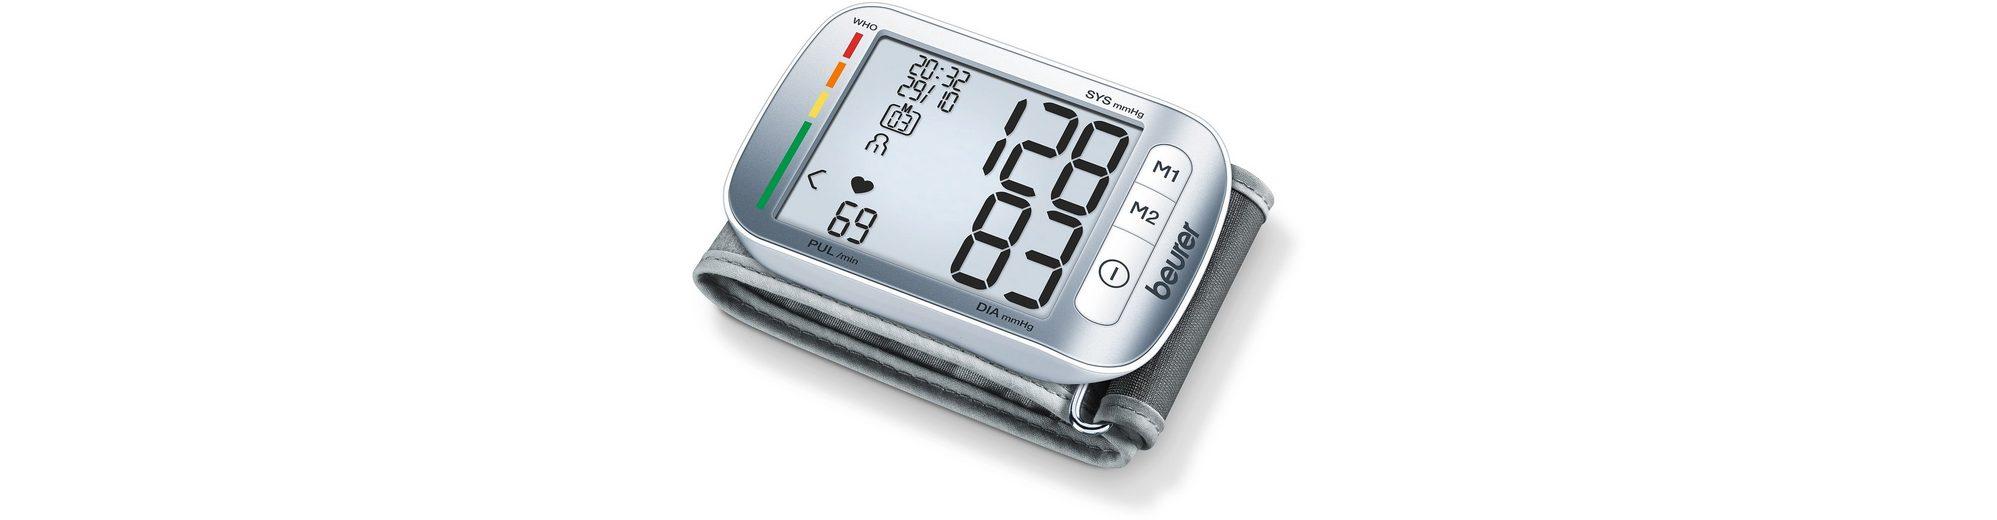 Beurer Handgelenk- Blutdruckmessgerät BC 50